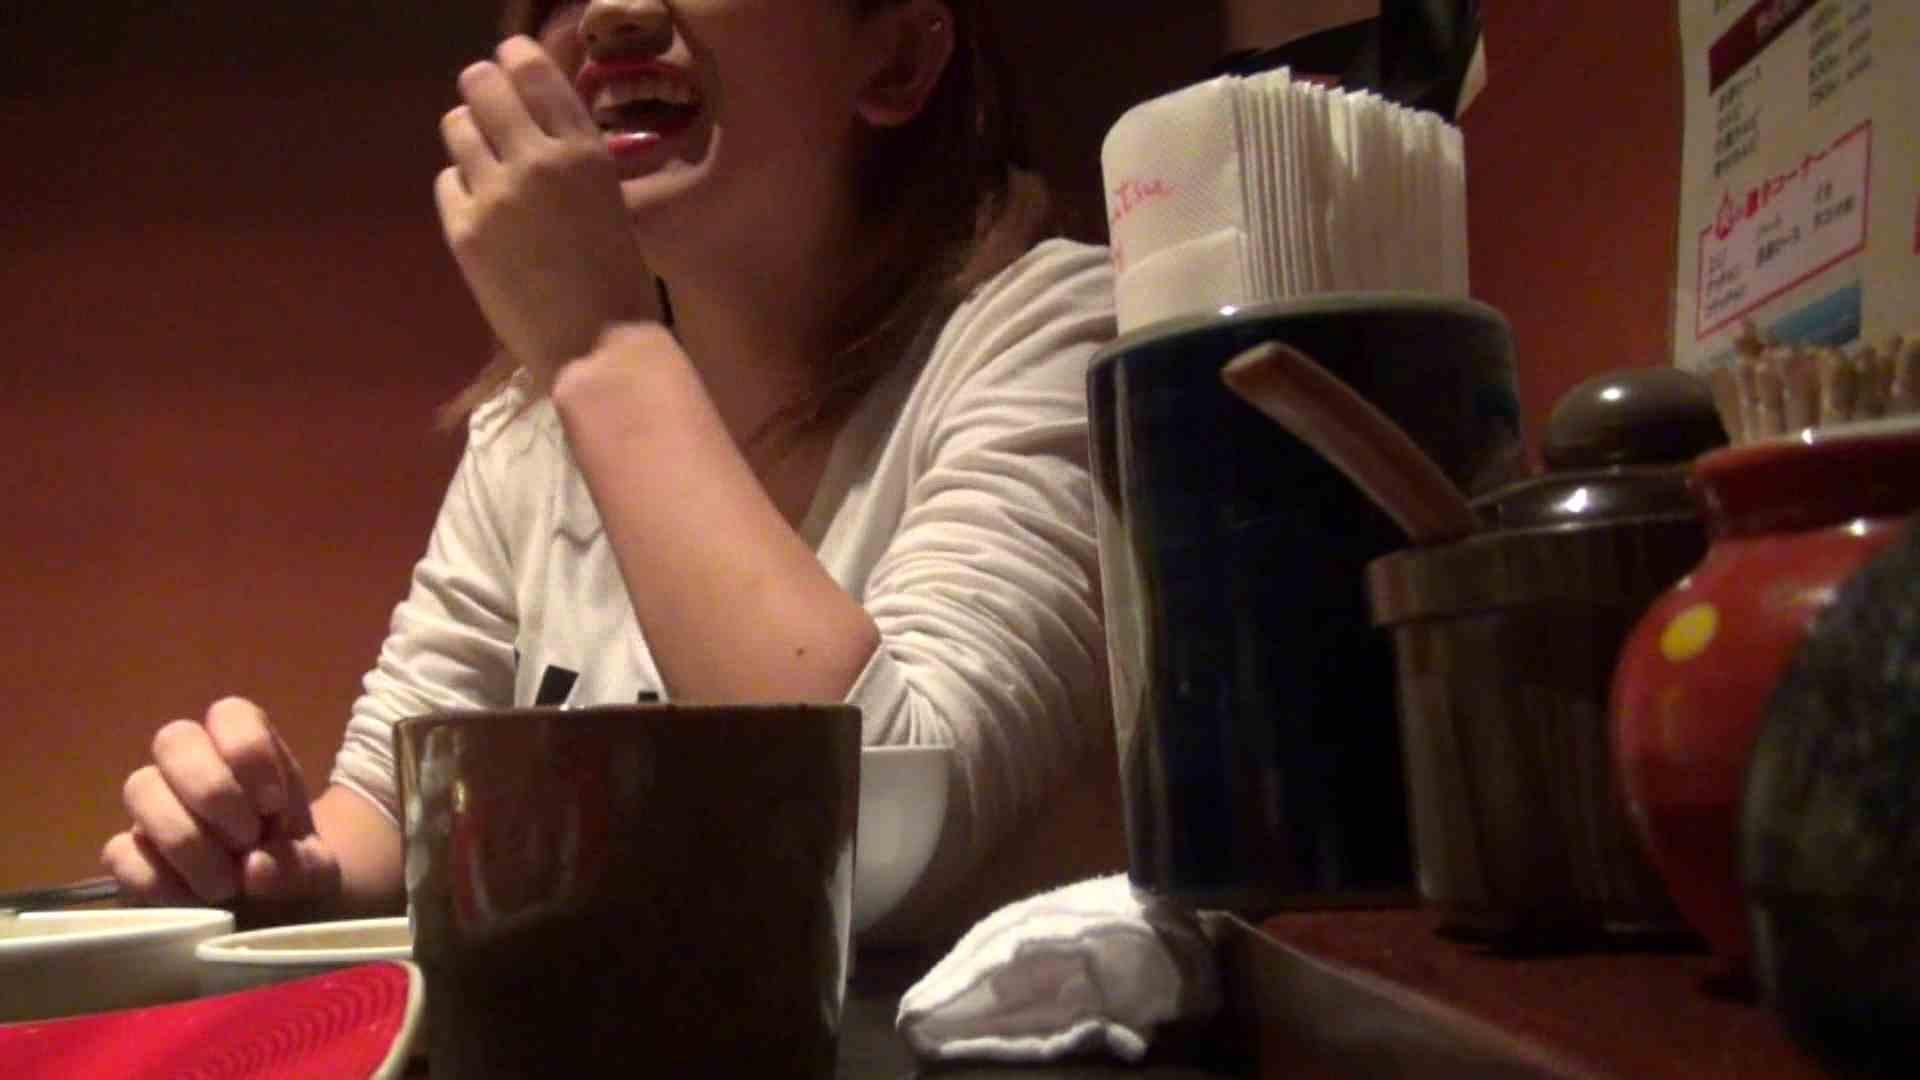 【出会い01】大助さんMちゃんと食事会 友人 | 悪戯  74連発 30